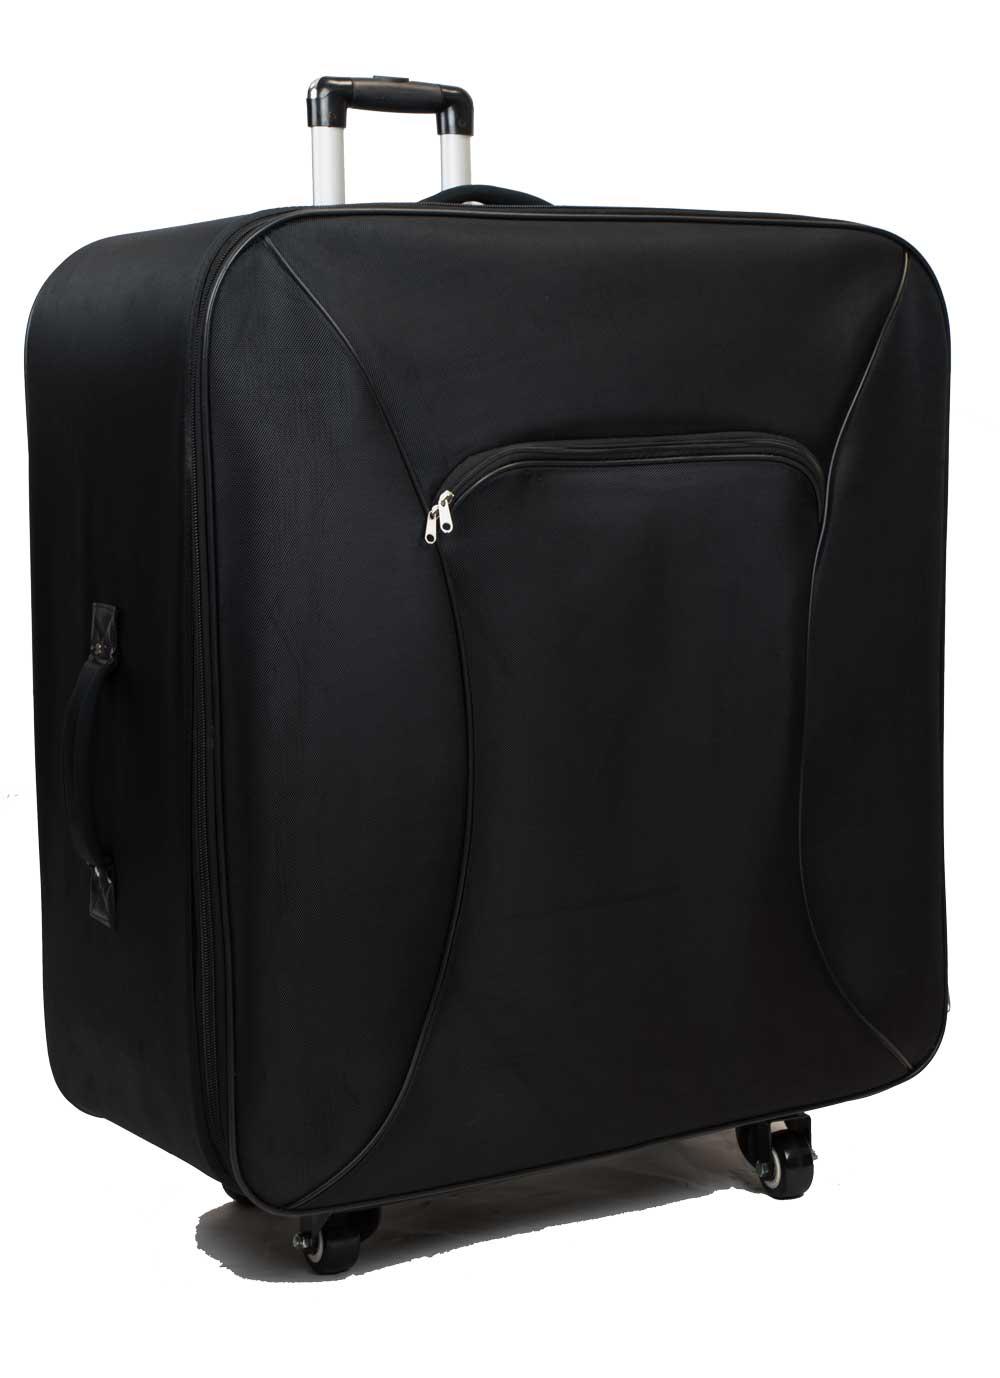 Geo-Cruiser-Travel-Case.jpg